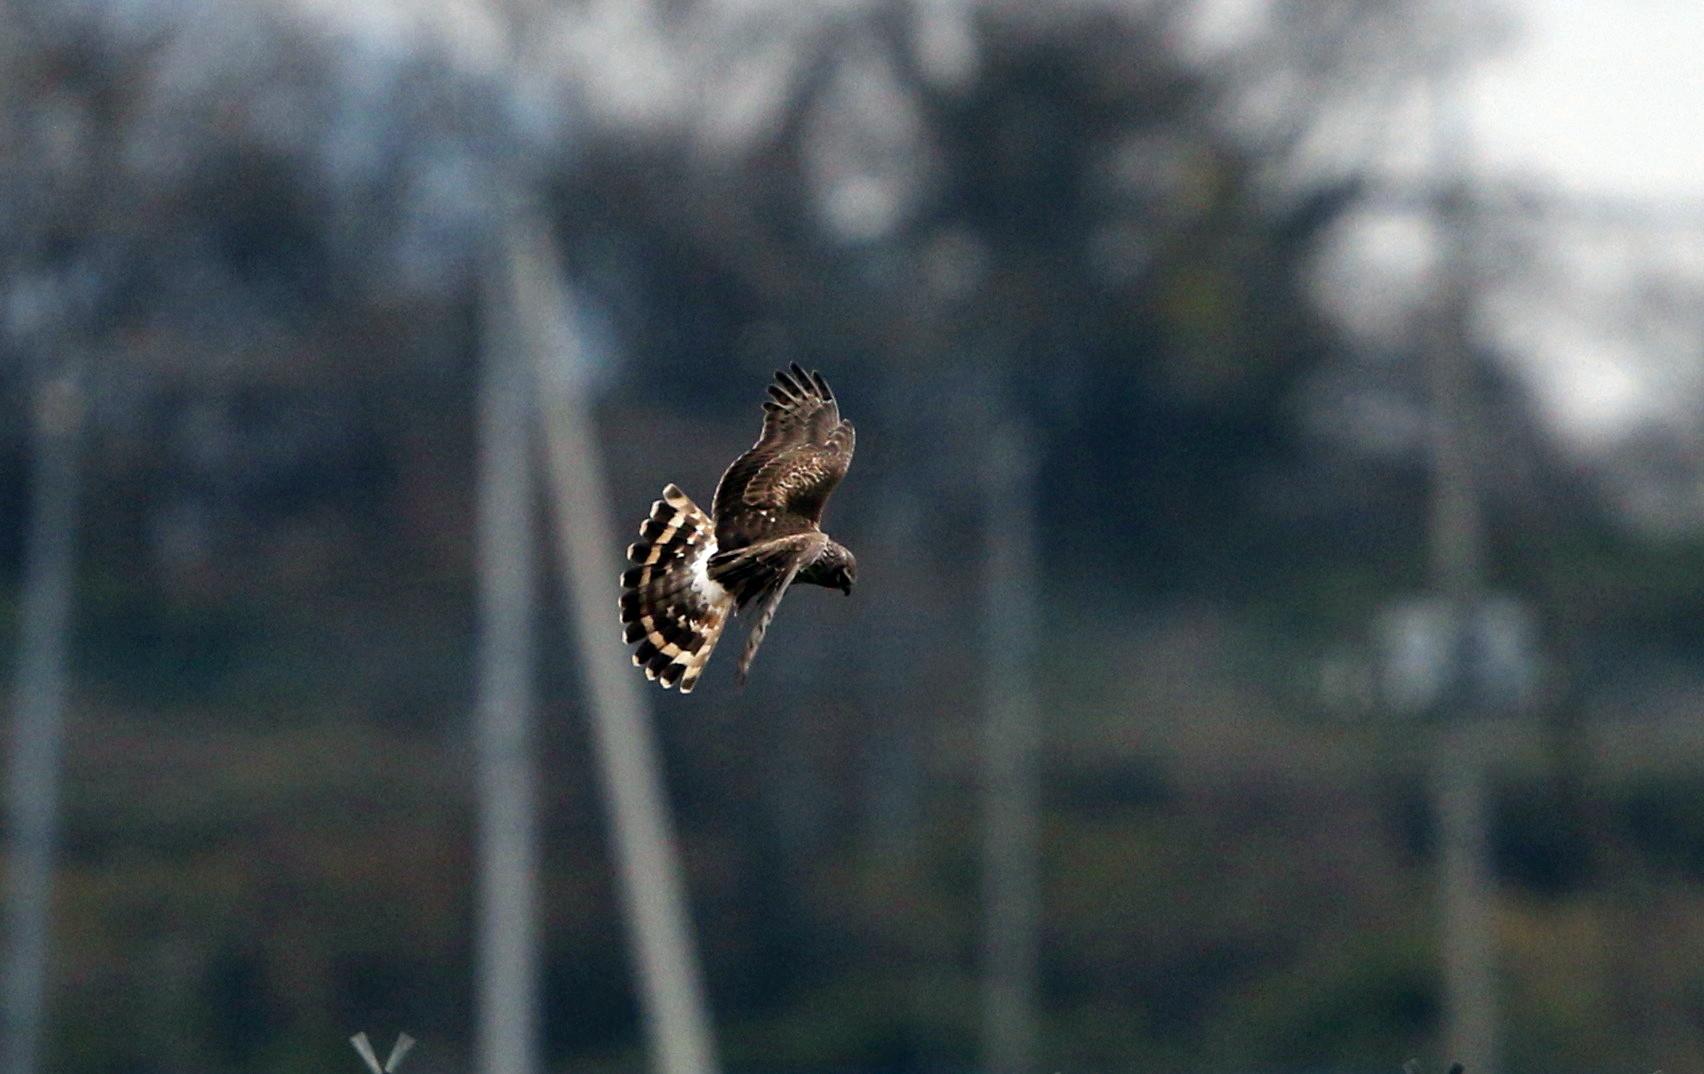 ハイイロチュウヒ雌の飛翔 その8_f0239515_18292267.jpg